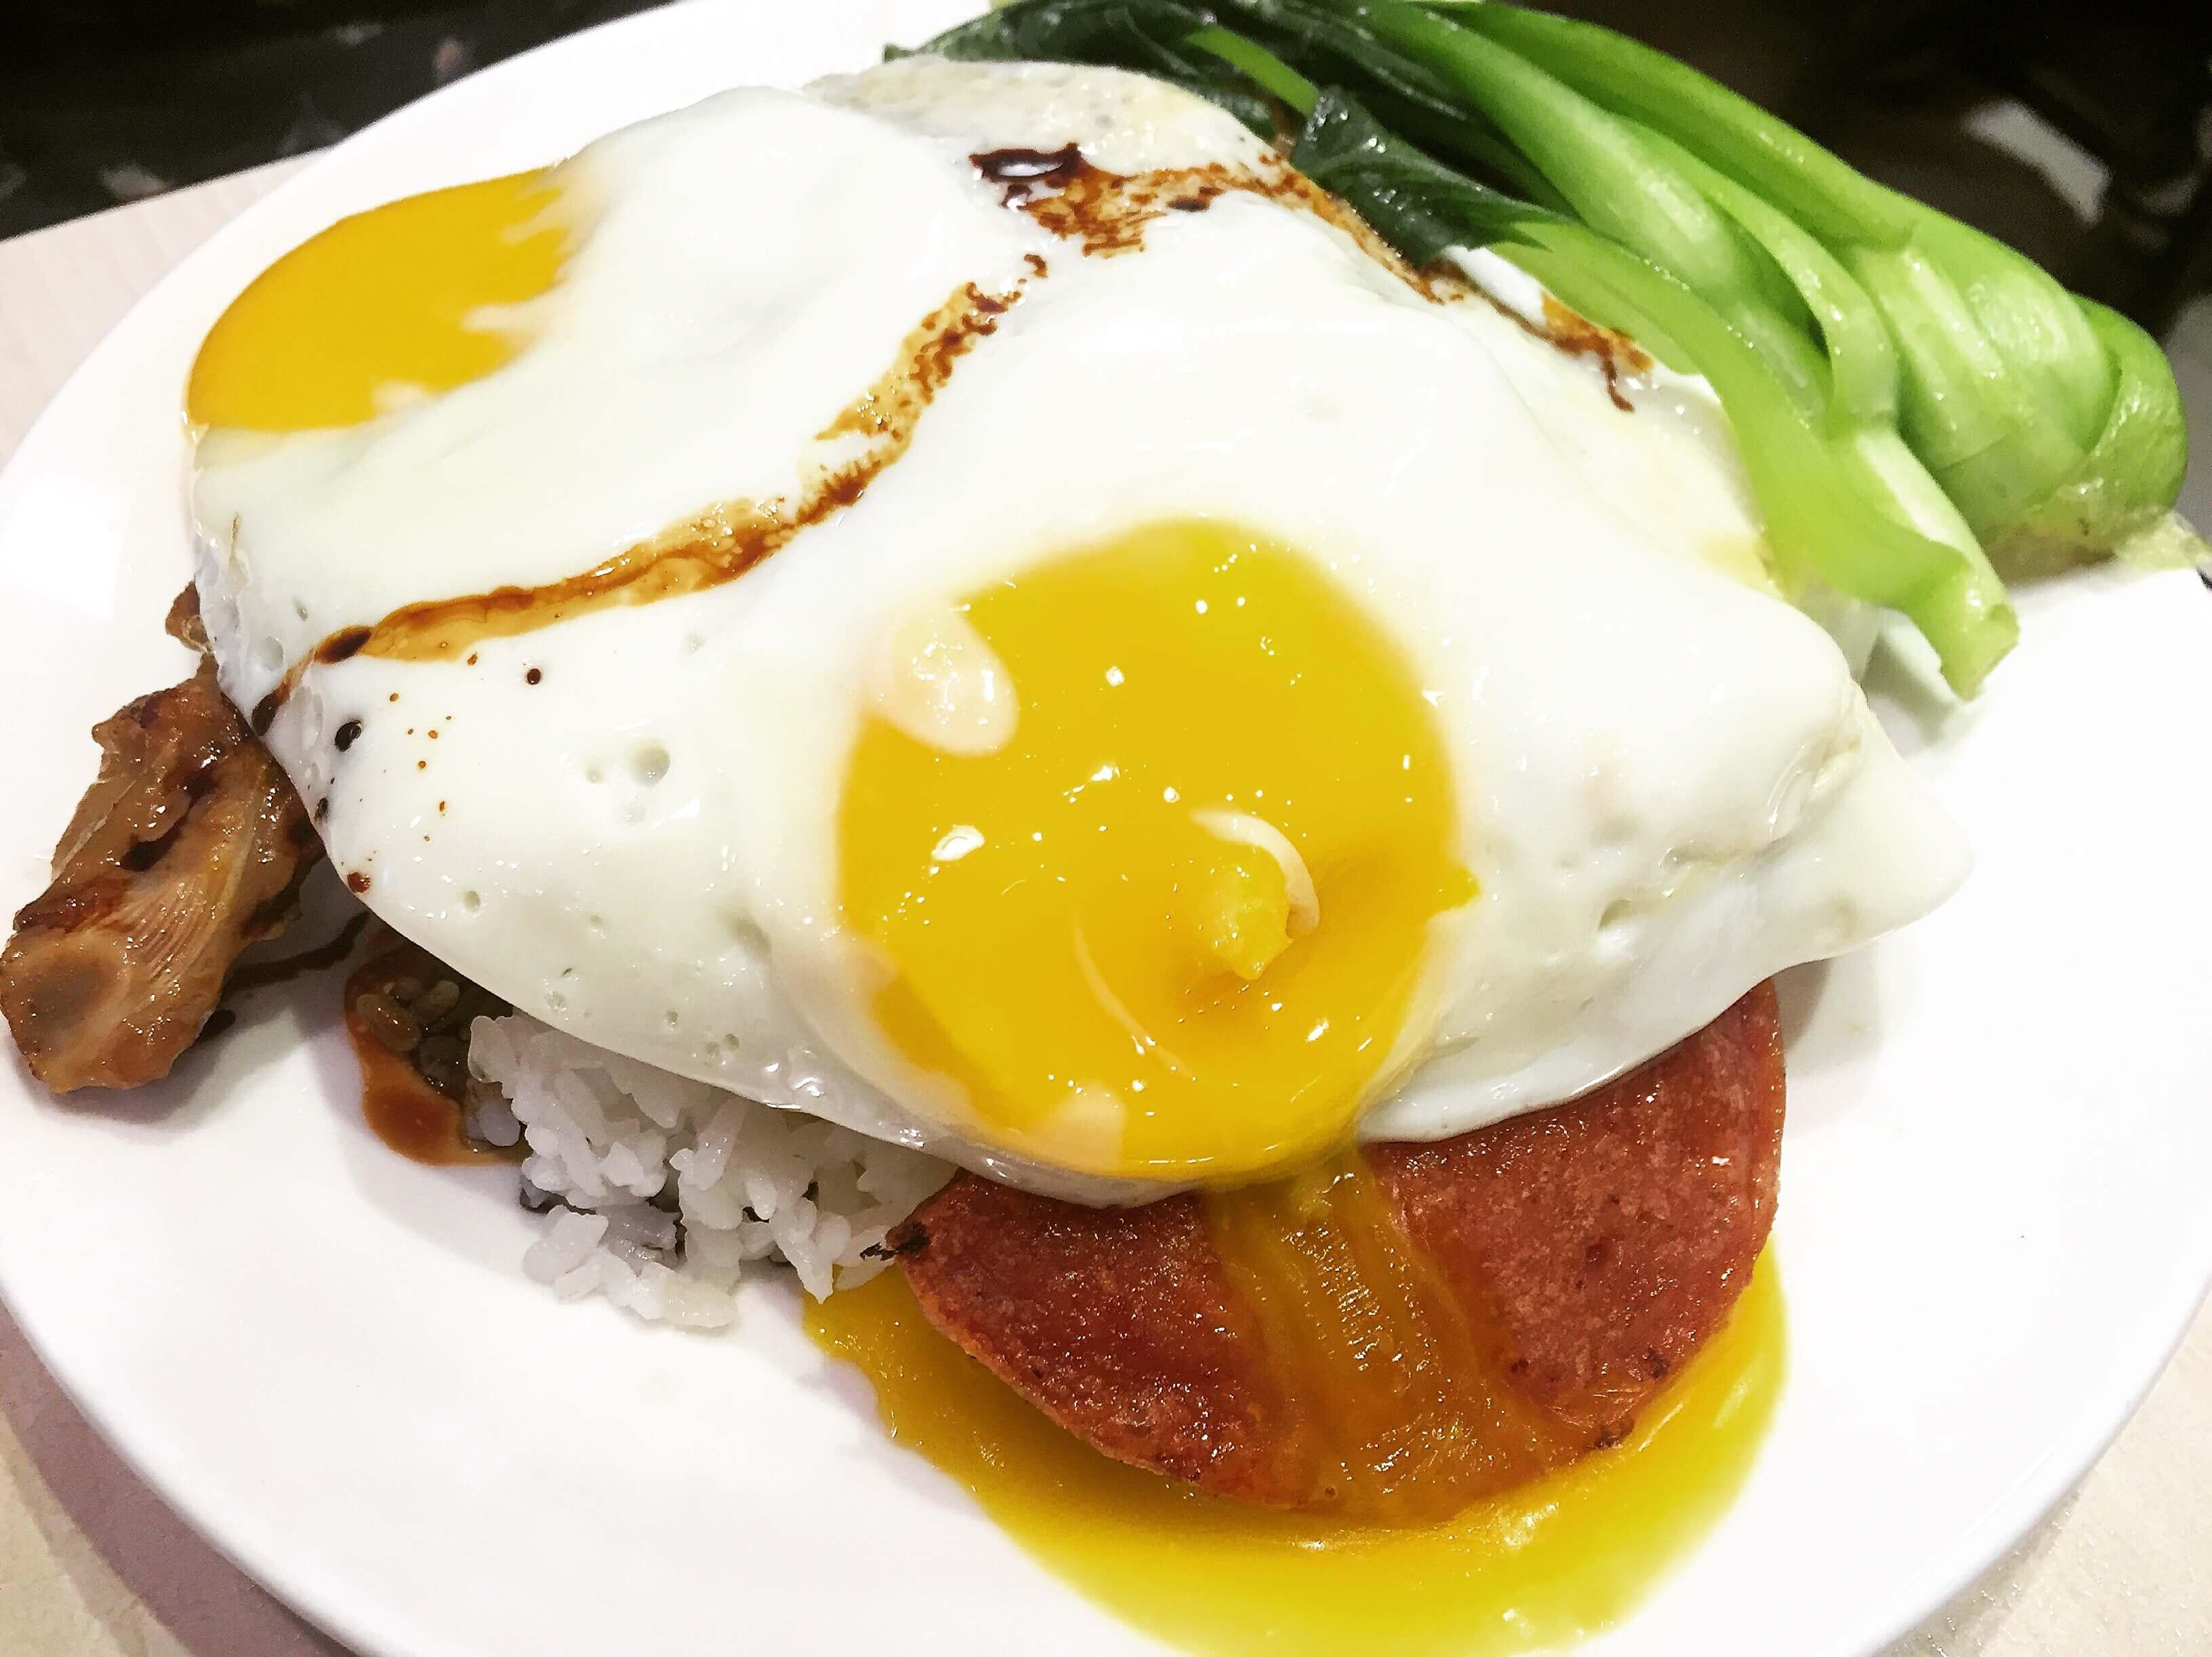 茗香園冰室豬扒餐肉煎蛋飯。(圖/吐司客拍攝)